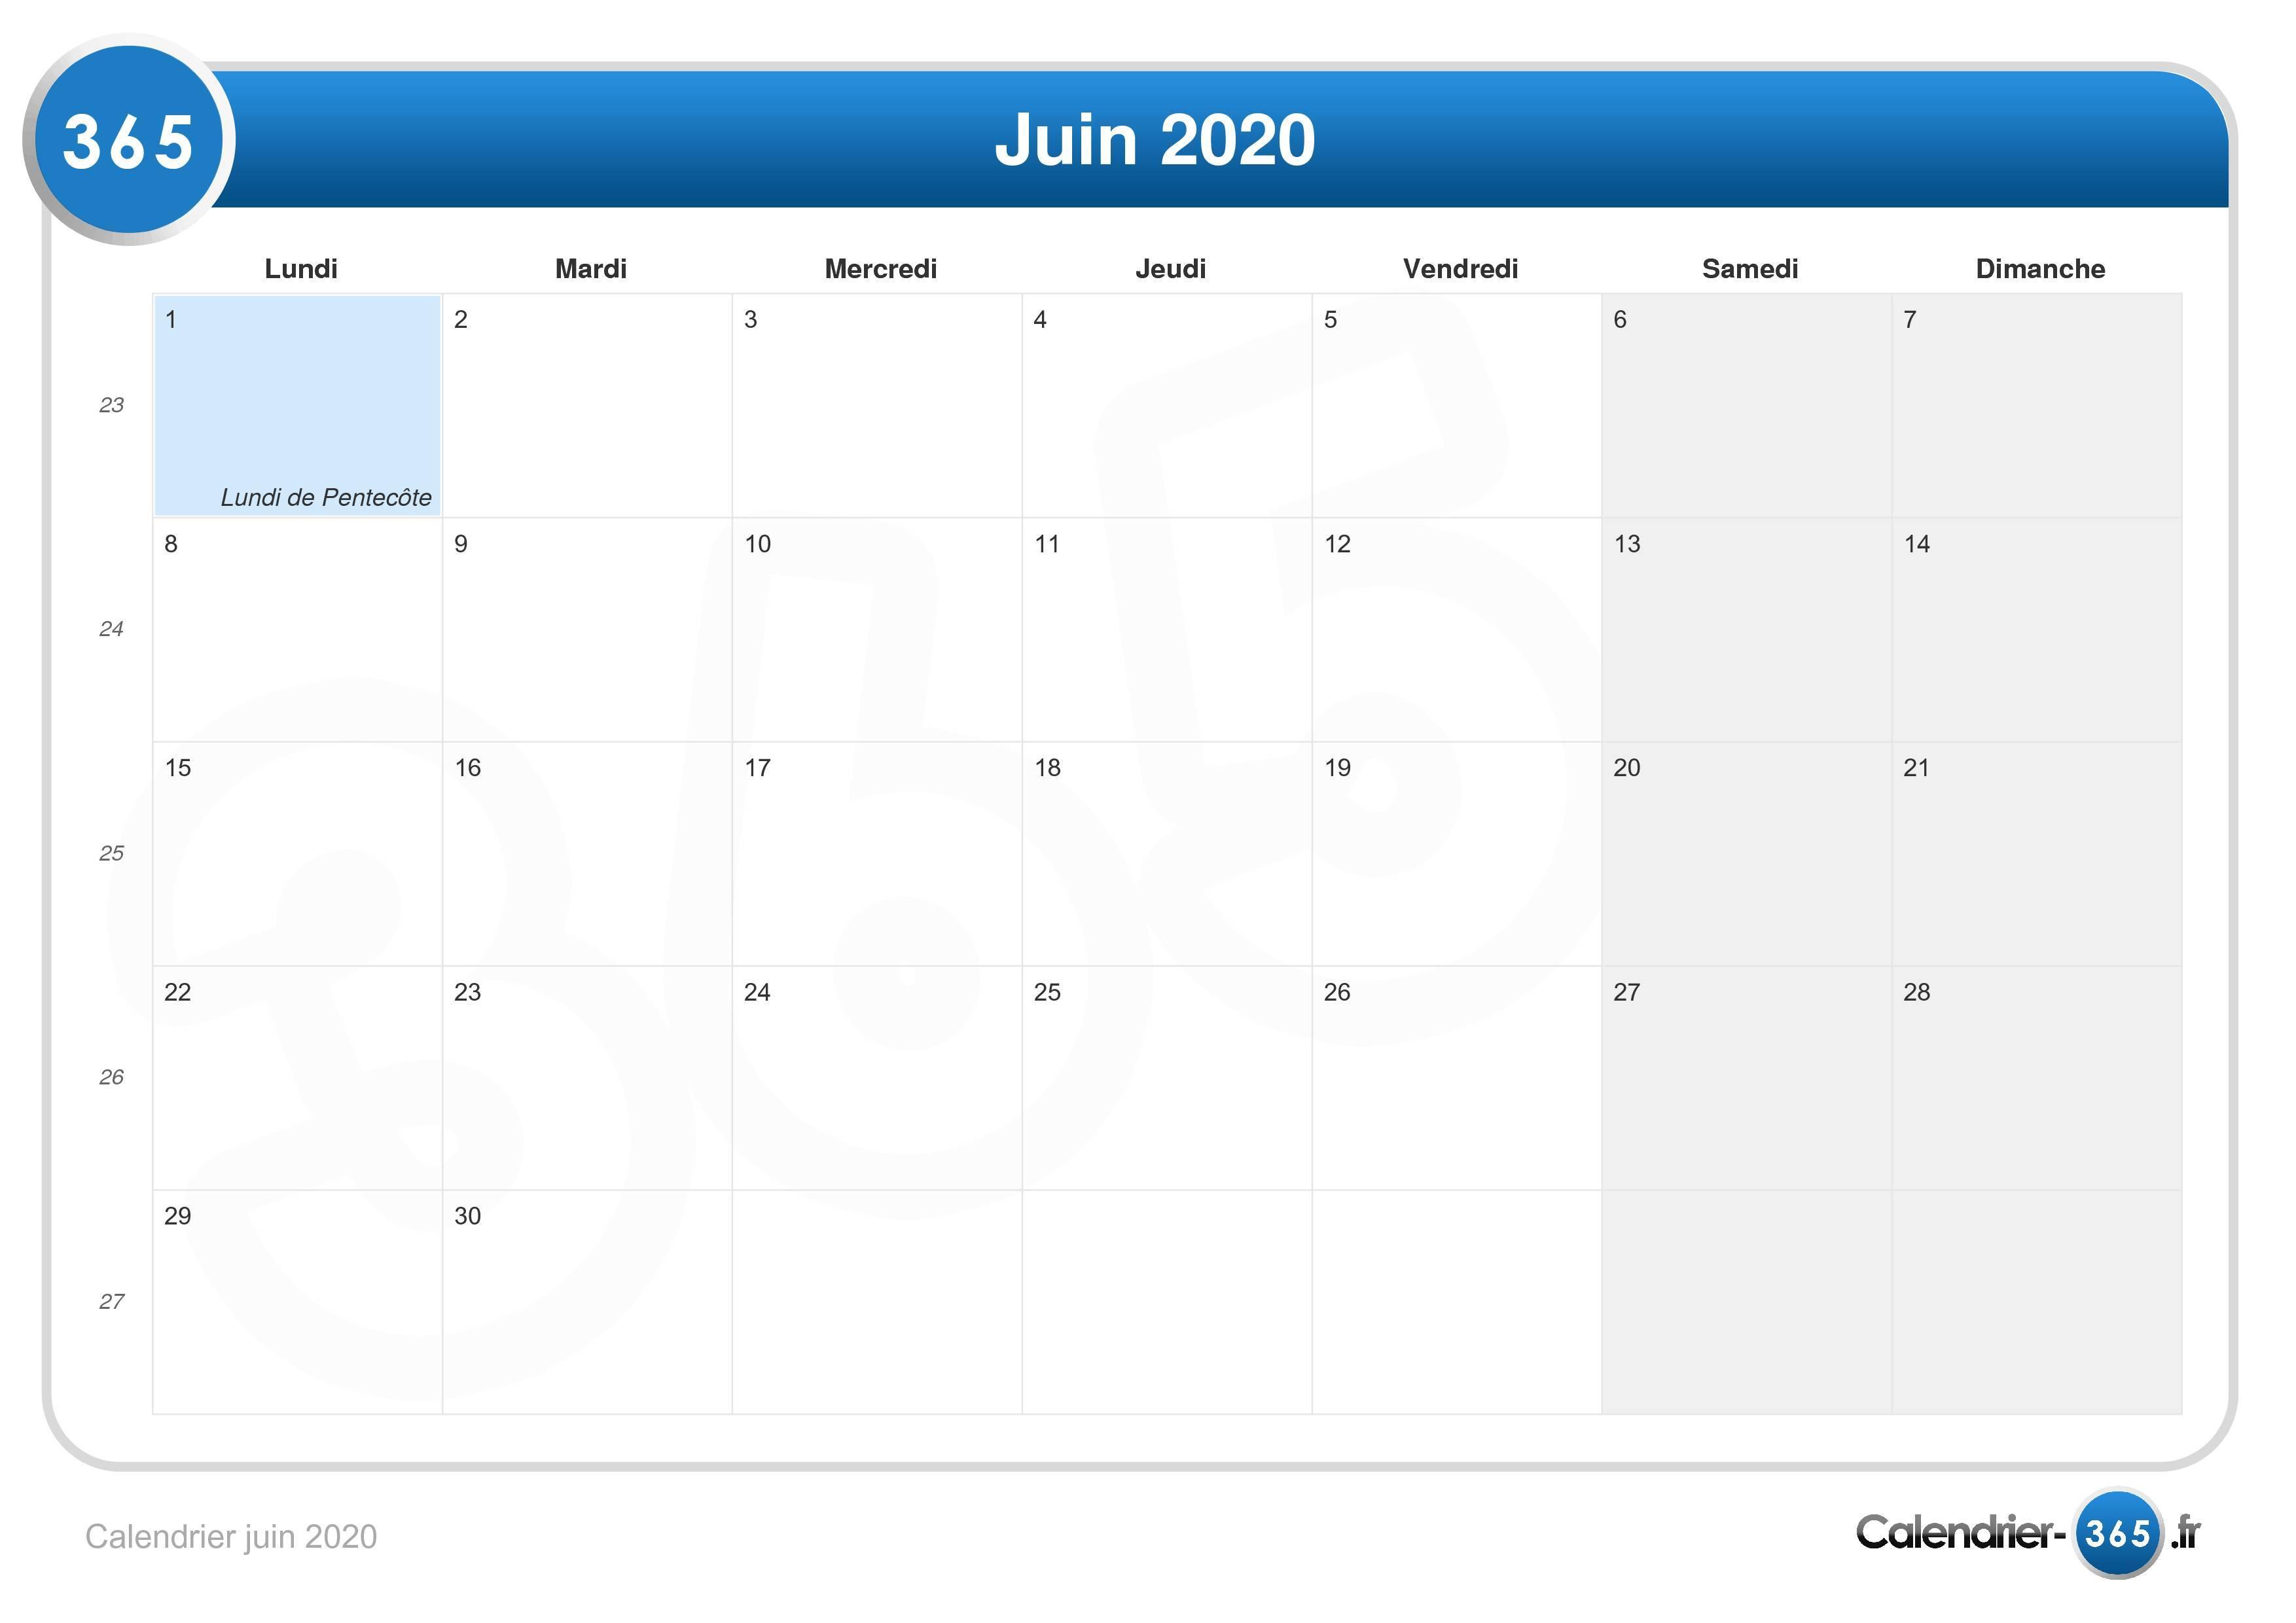 Calendrier Mai 2020 à Imprimer.Calendrier Juin 2020